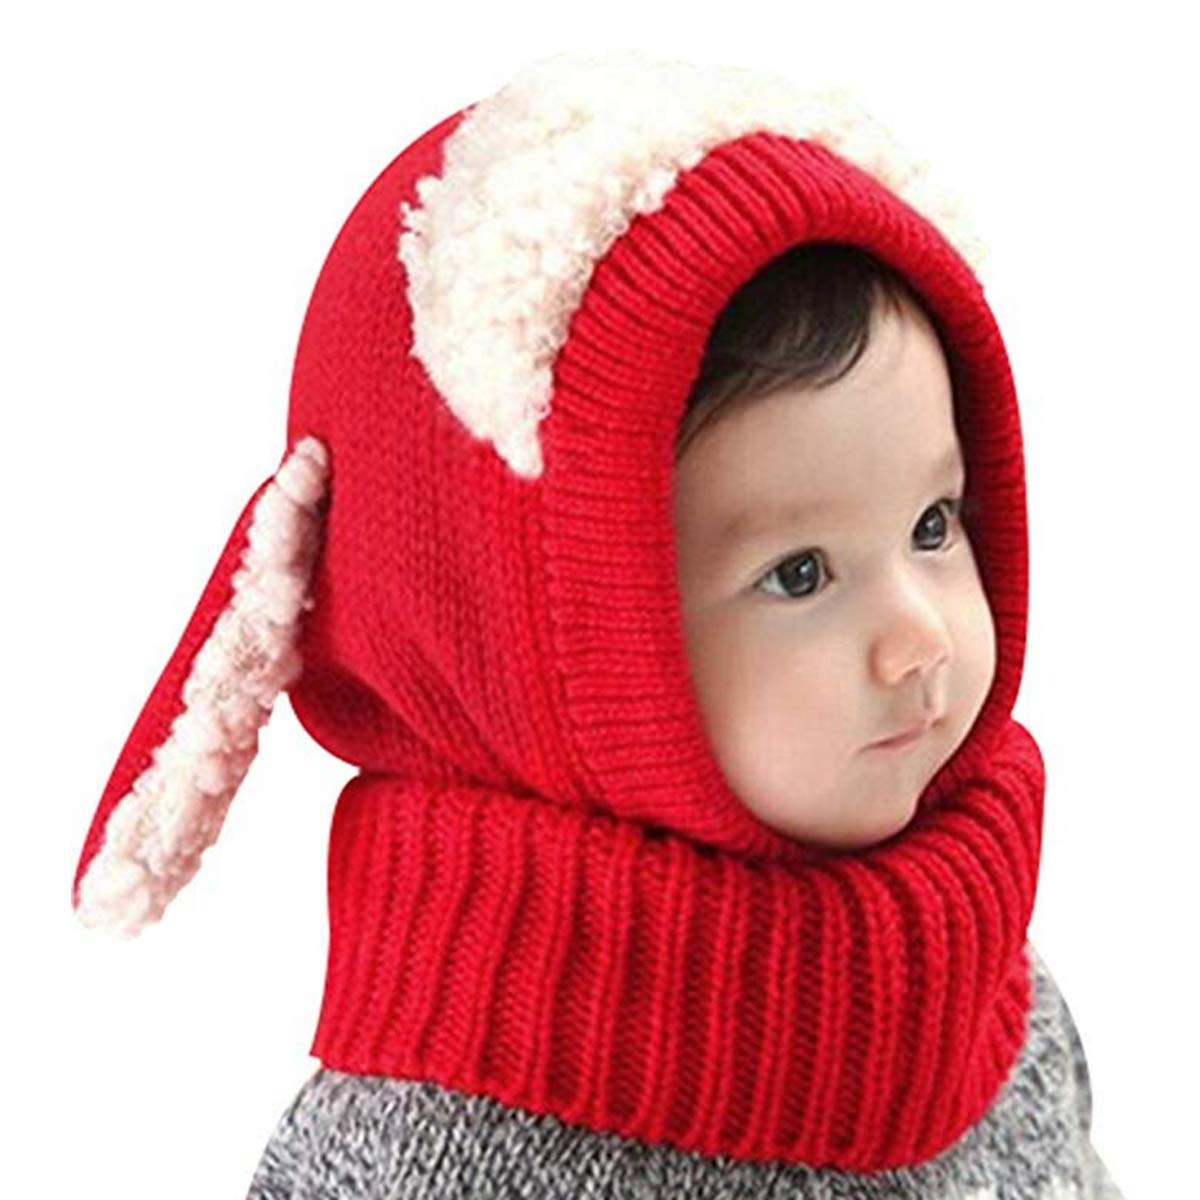 AUVSTAR Baby M/ädchen Jungen Kleinkind Winter Hut Schal Set Cutest Earflap Kapuze Warm Knit Hut Schals mit Ohren Schnee Halsw/ärmer Sch/ädel Kappe Kinder 6-36 Monate